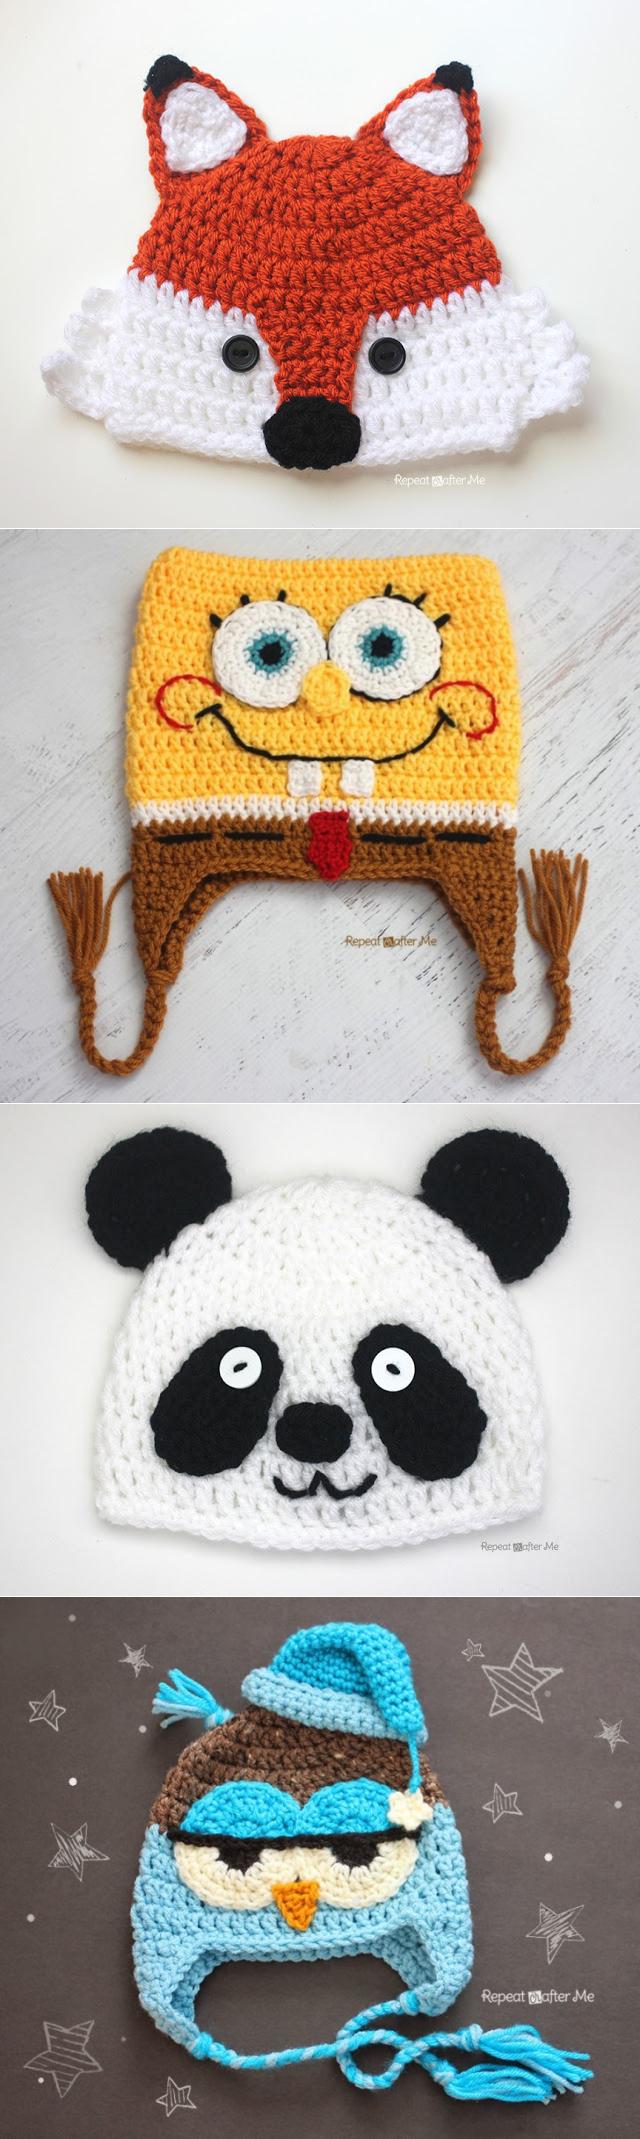 Вязание шапочек крючком,спицами | Gorros, Tejido y Gorros niños